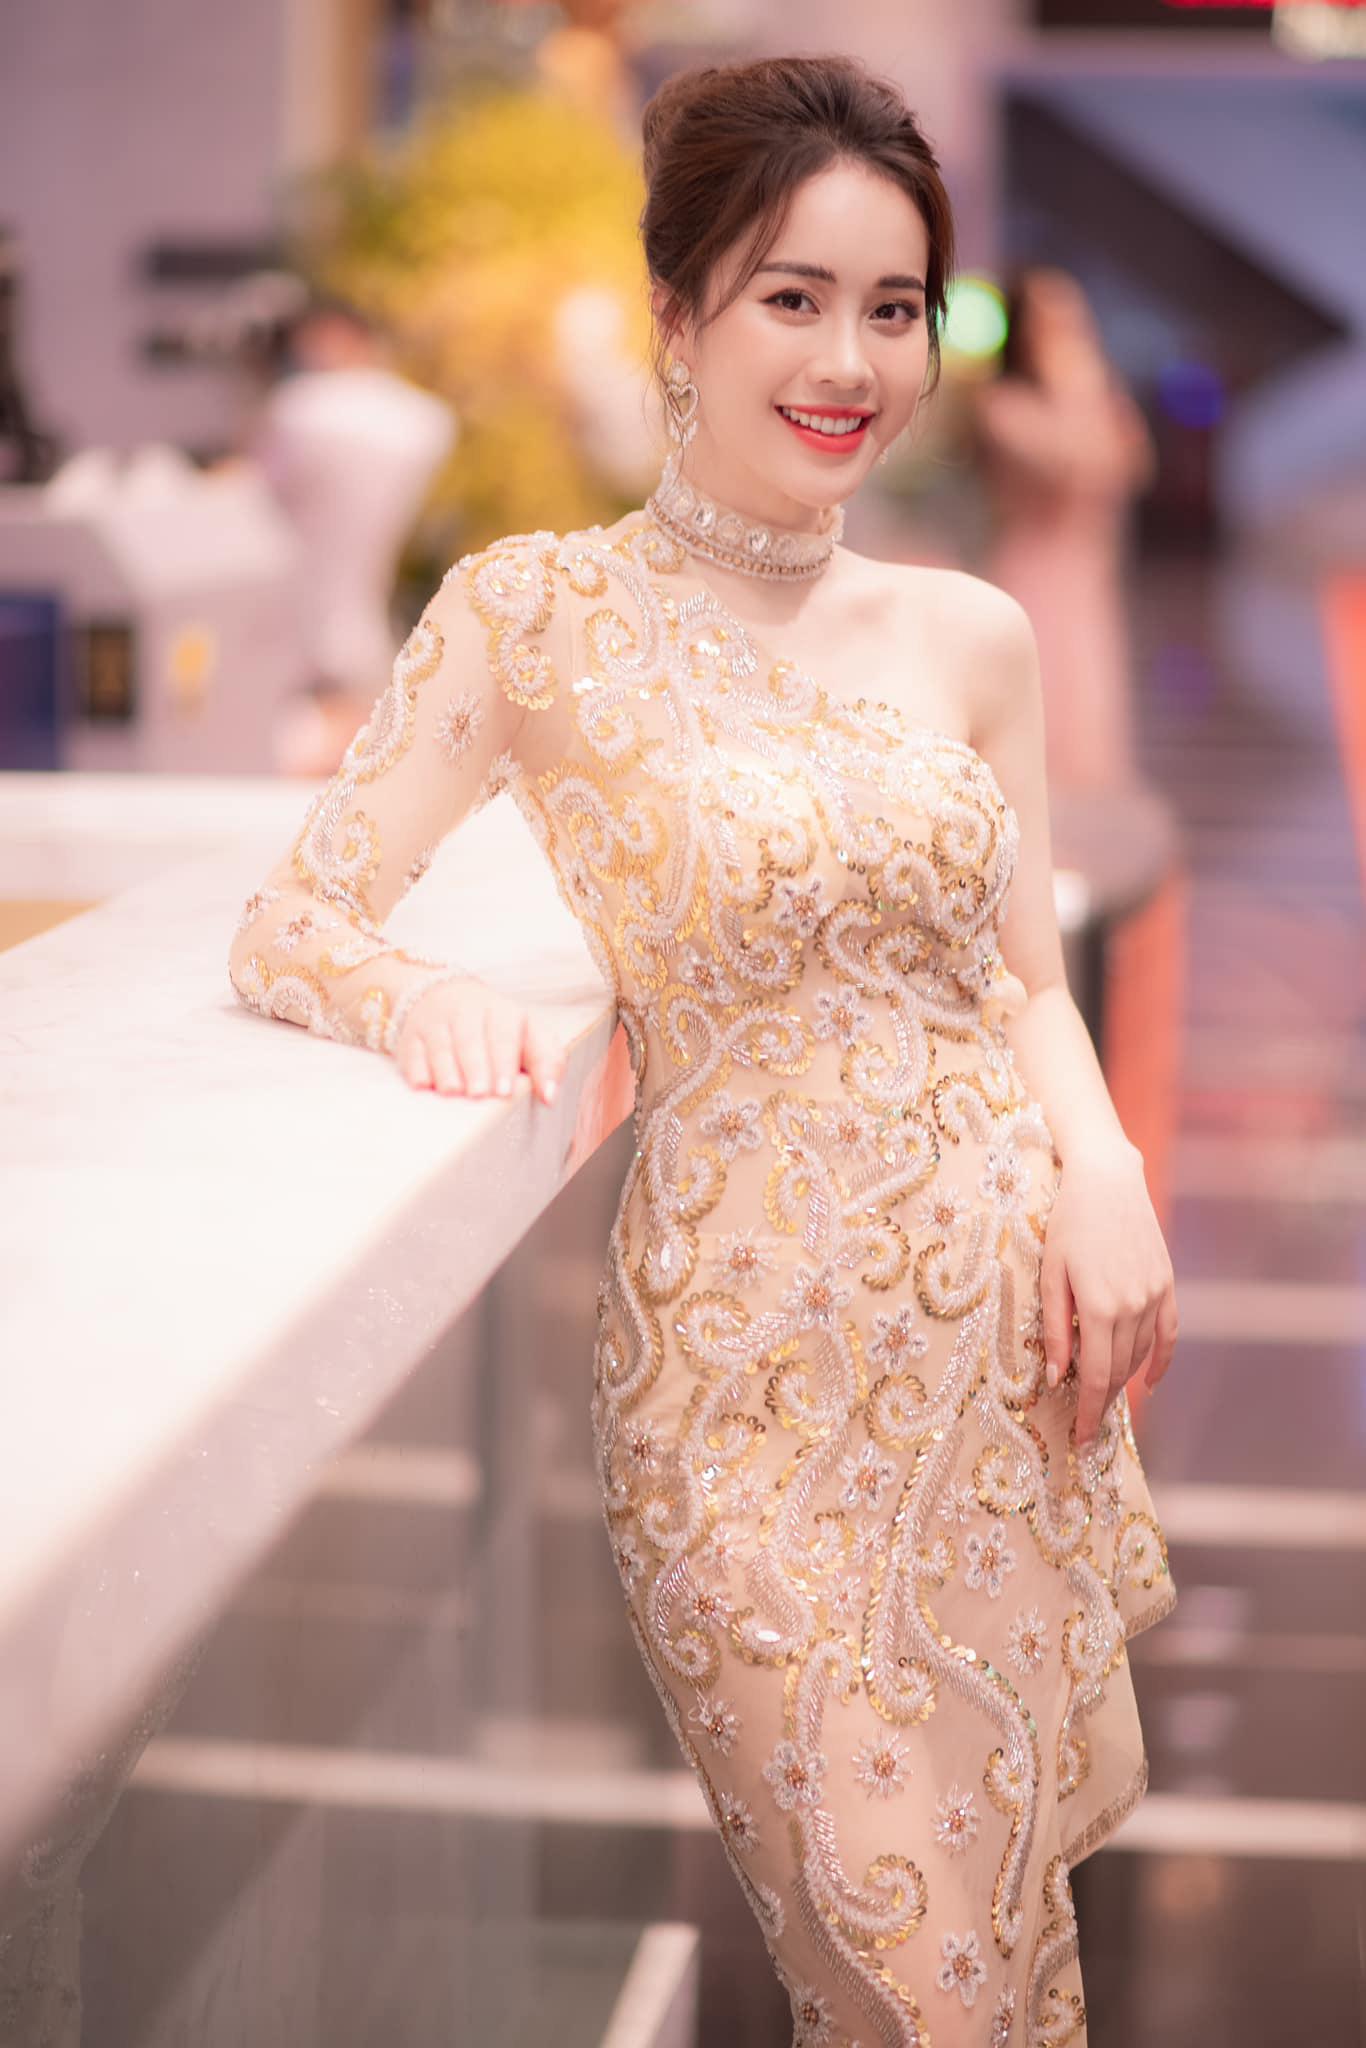 MC VTV được ban tổ chức Hoa hậu VN gọi kiểm tra thông tin và chuyện thật như đùa đằng sau   - Ảnh 4.